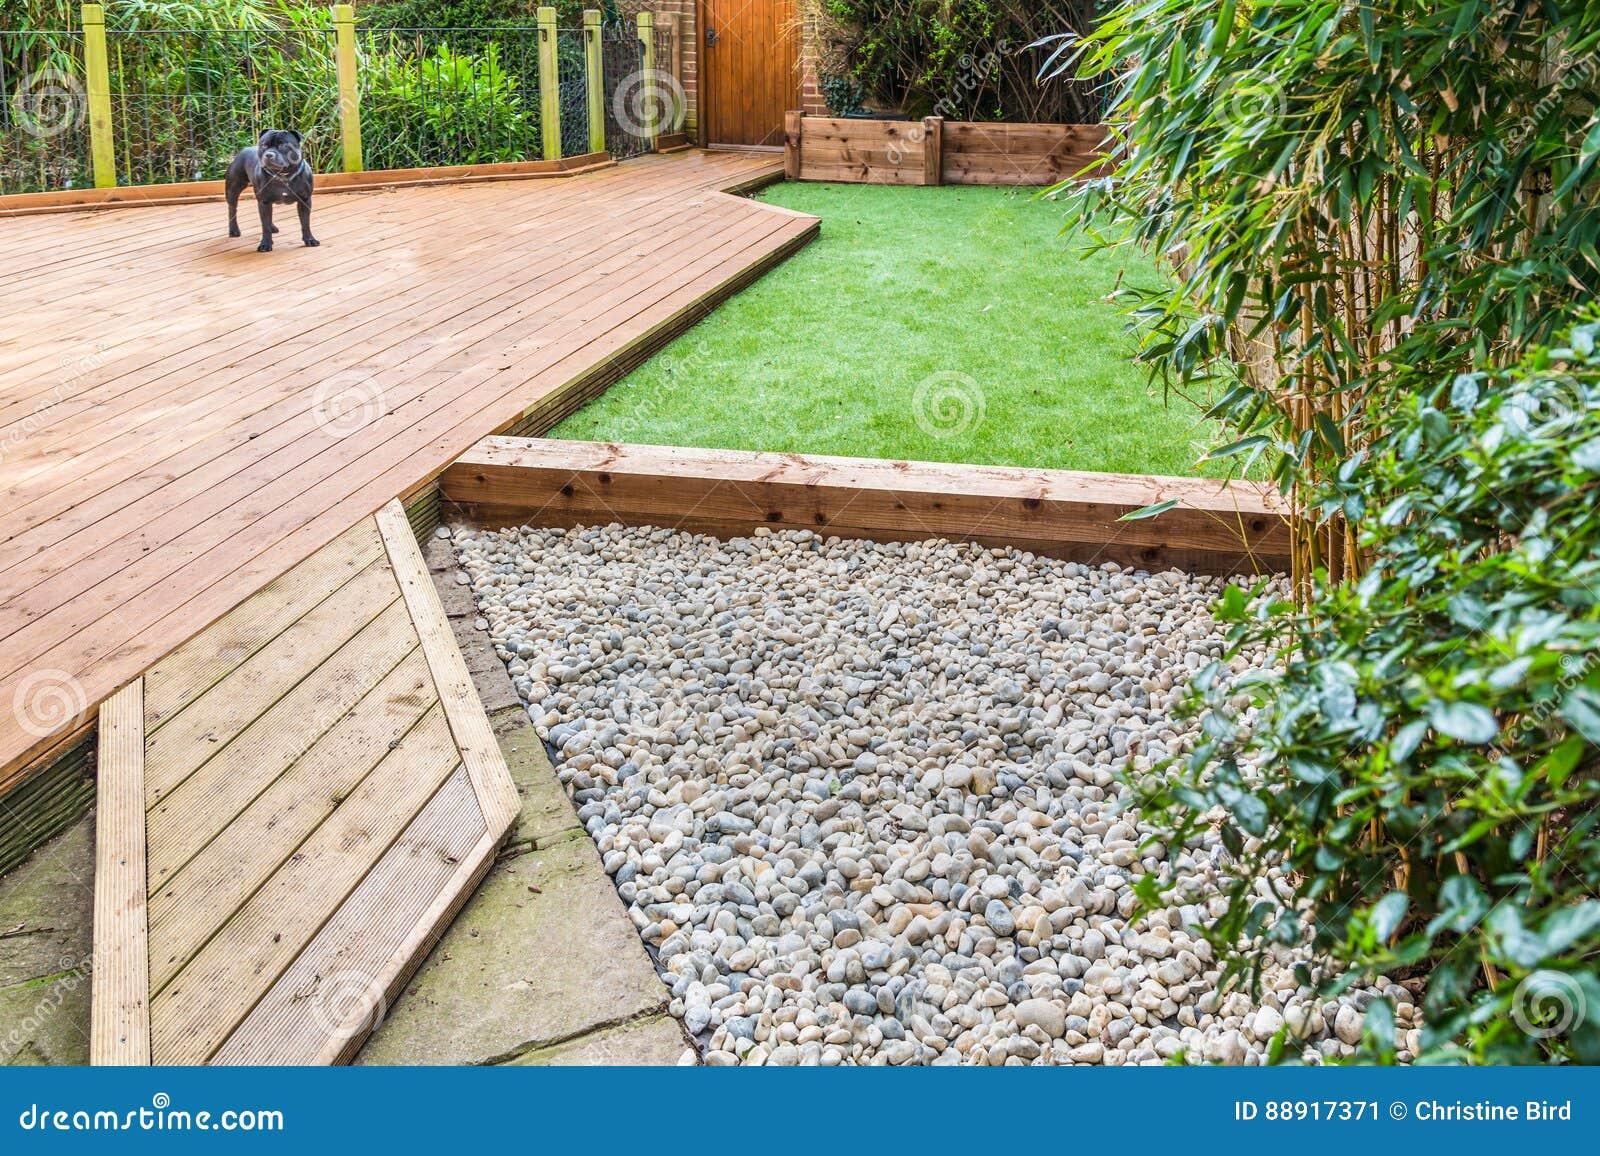 Ein Abschnitt eines residntial Gartens, Yard mit hölzernem Decking,